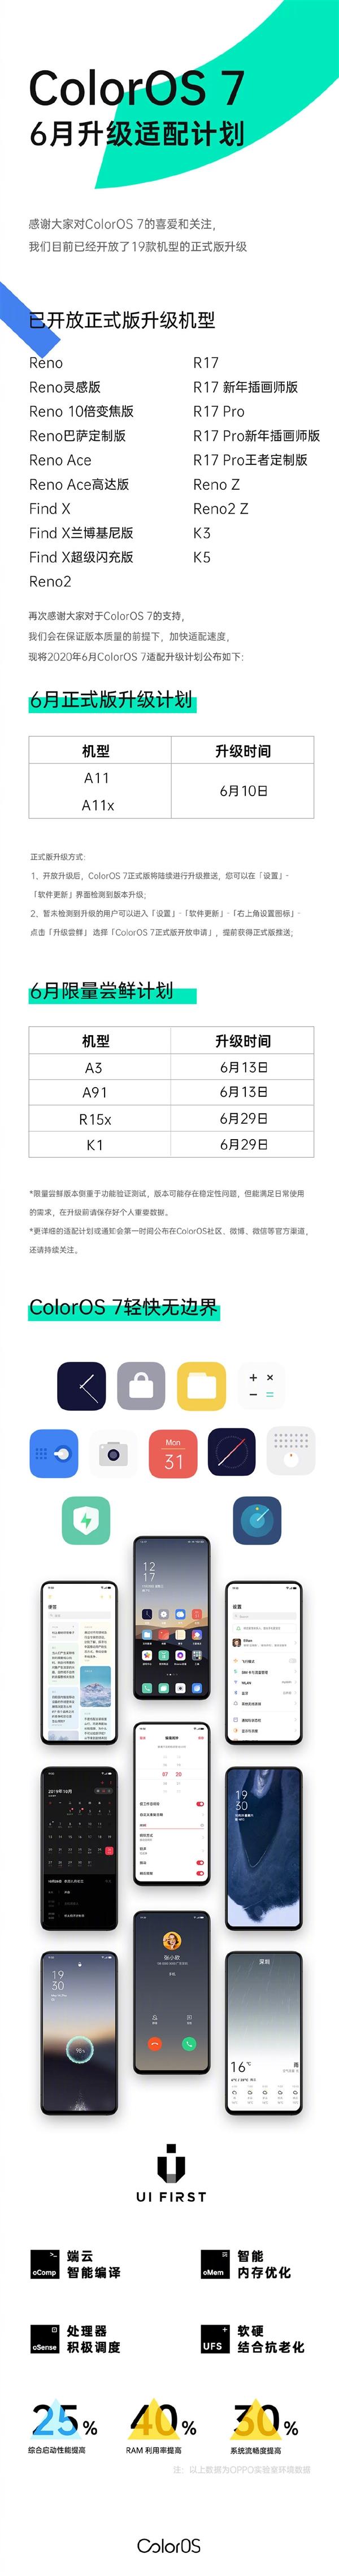 防止卡顿的ColorOS 7下放老机型:OPPO A11/A11x即将更新